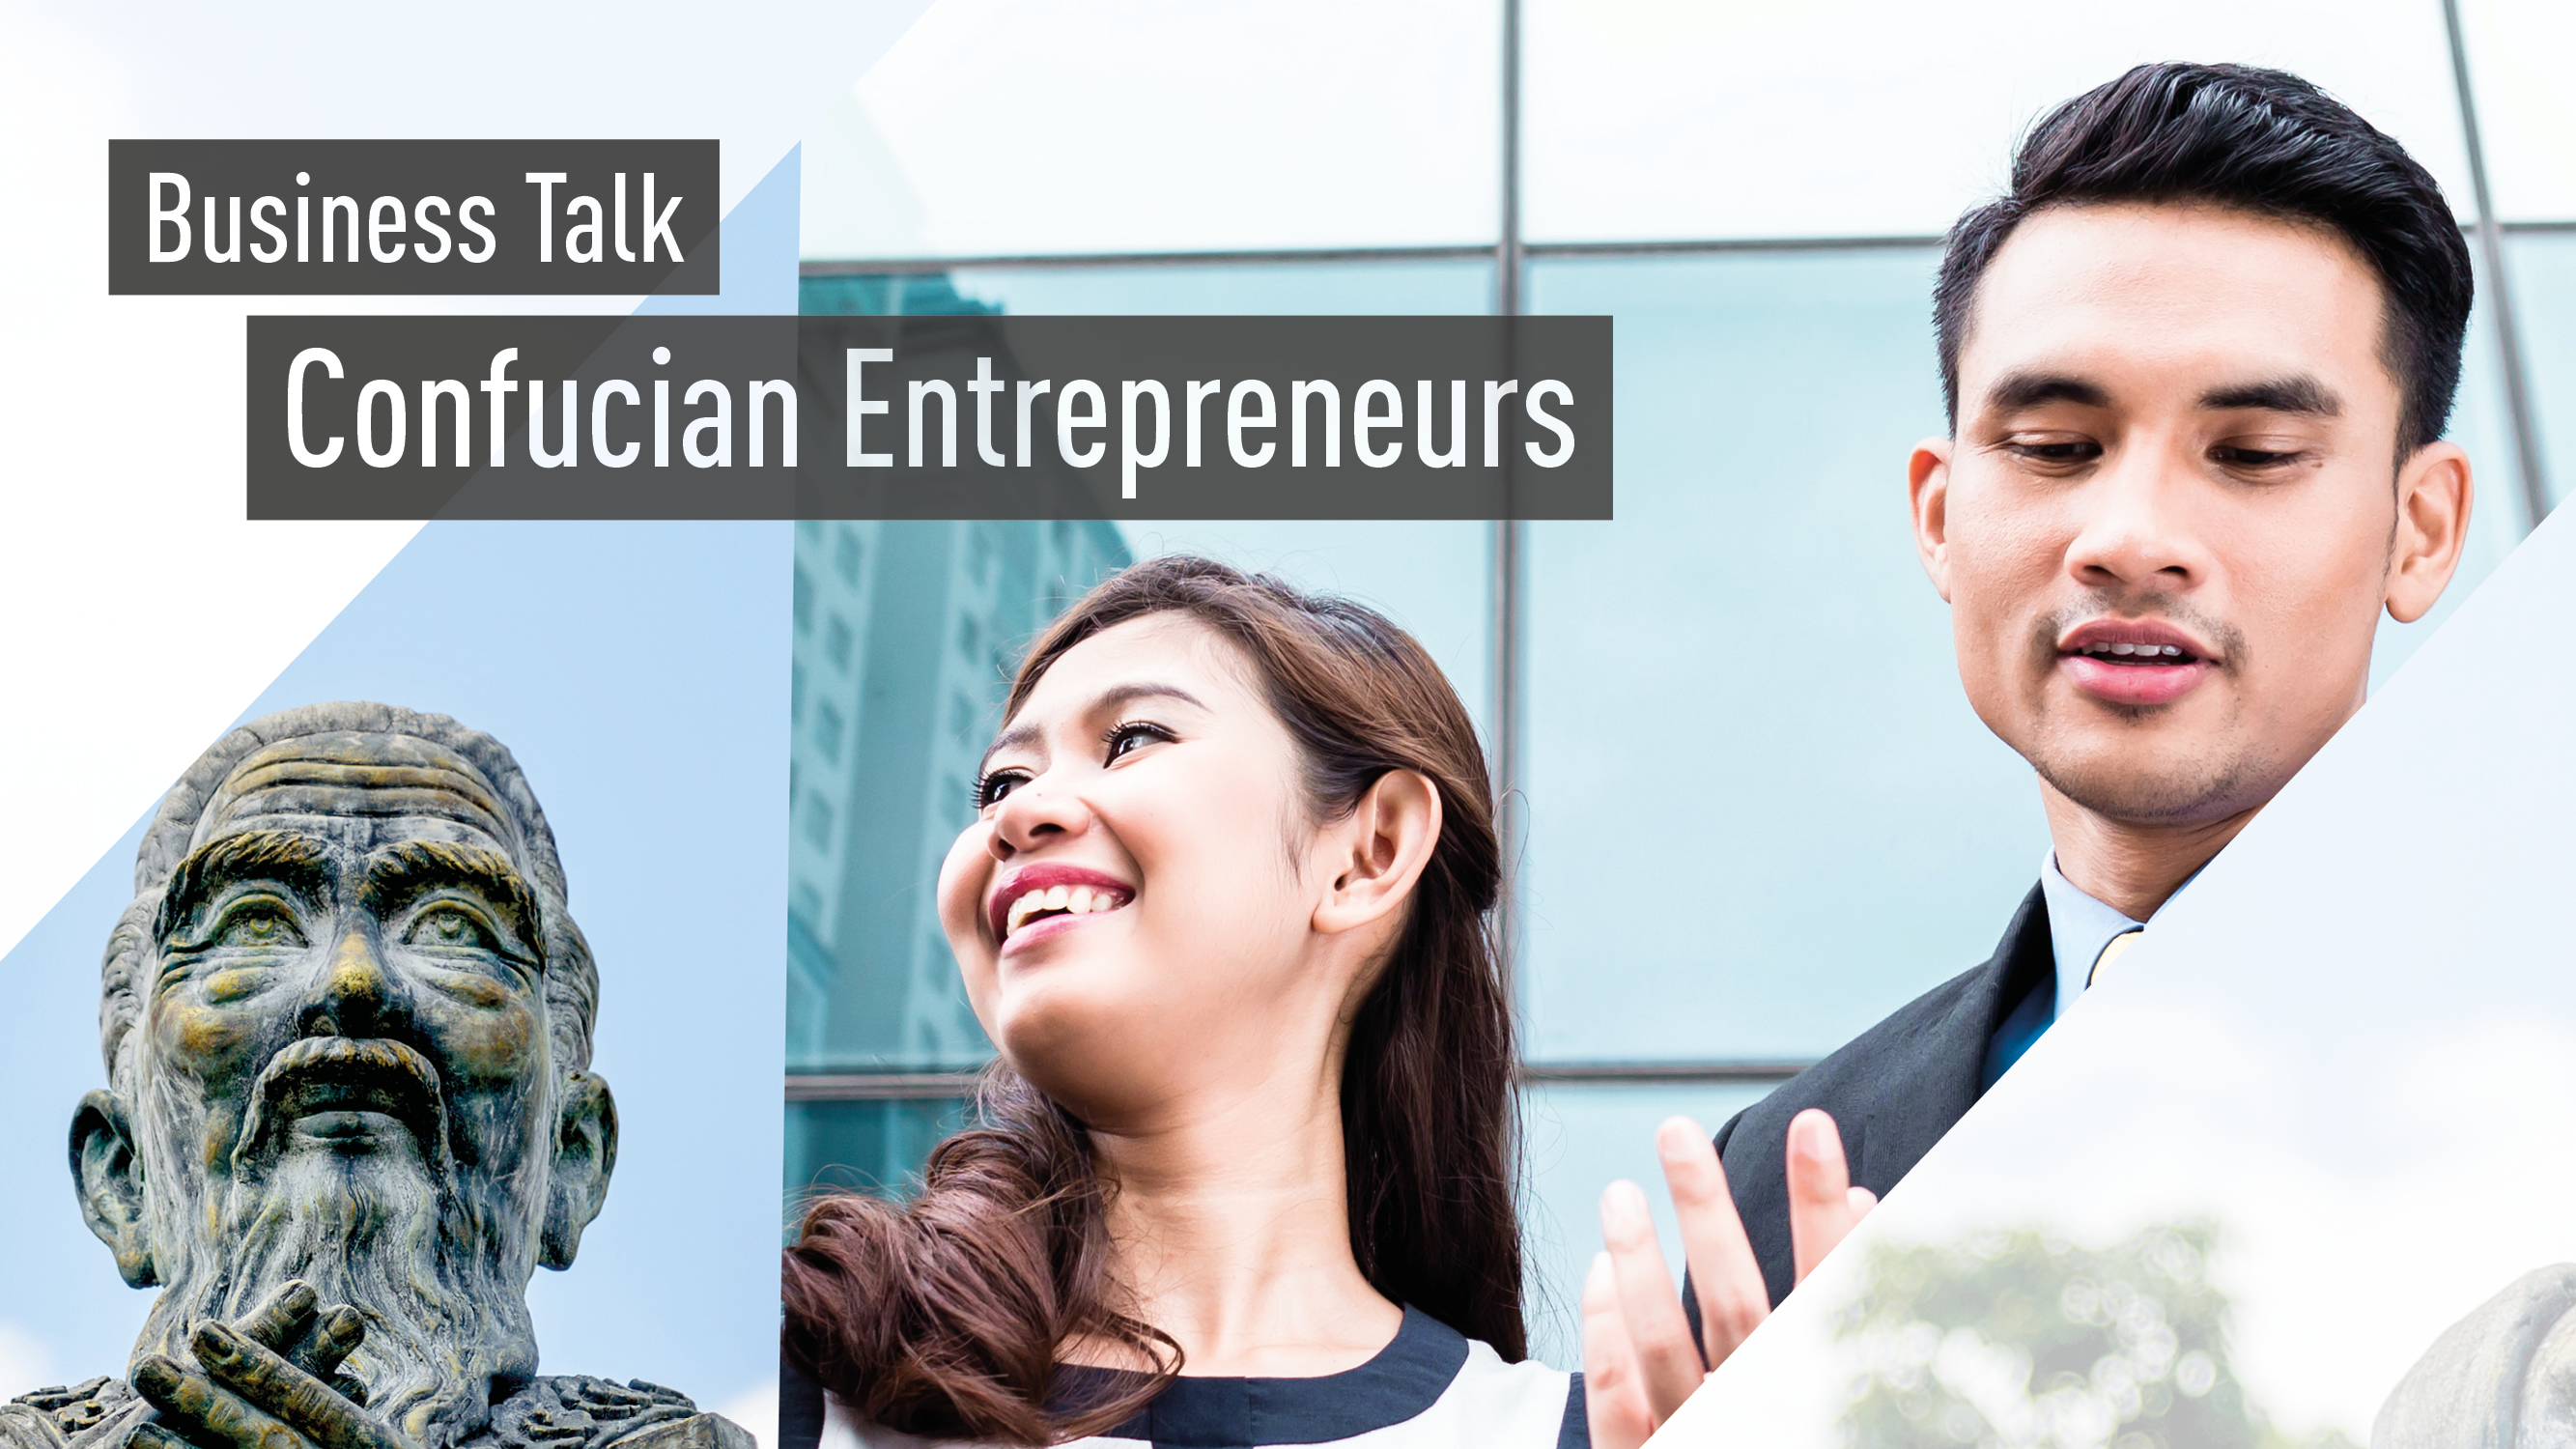 Confucian Entrepreneurs